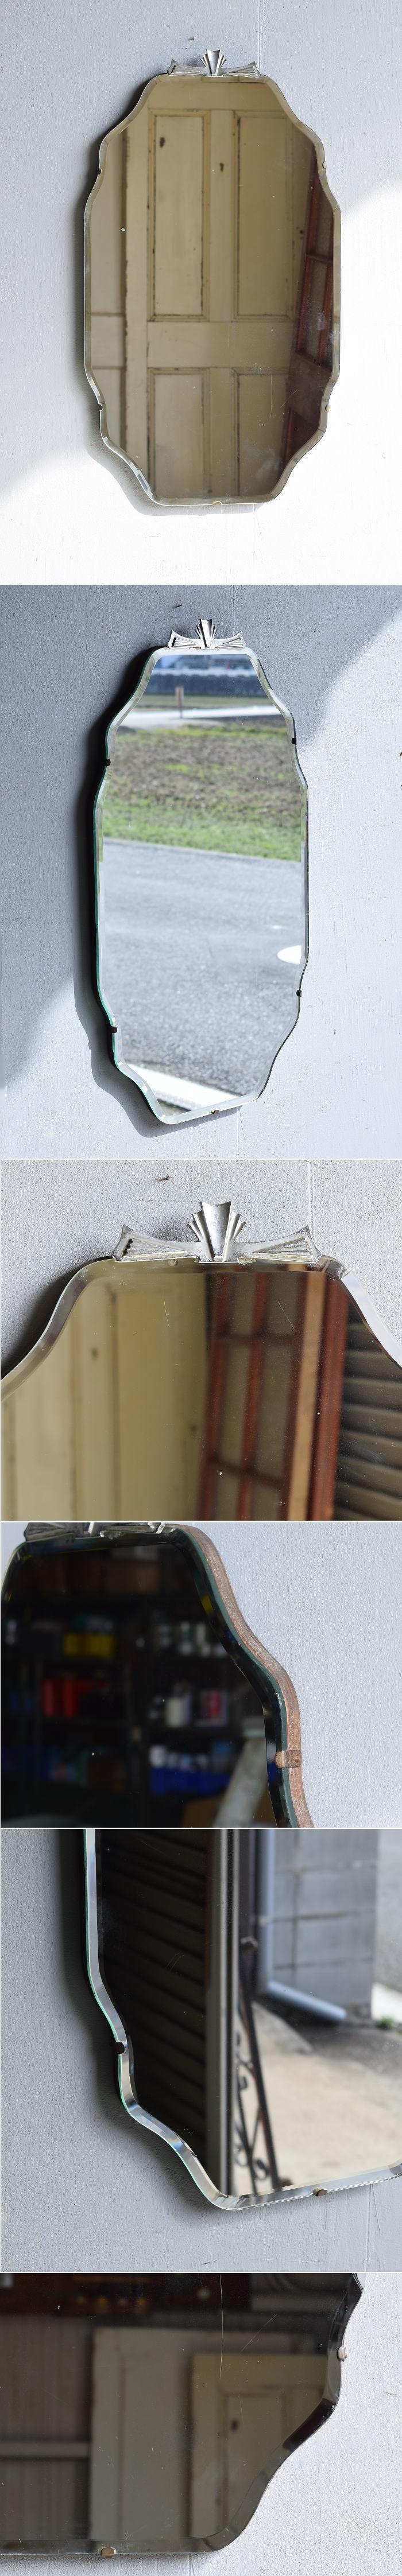 イギリス アンティーク  壁掛け ミラー 鏡 7876